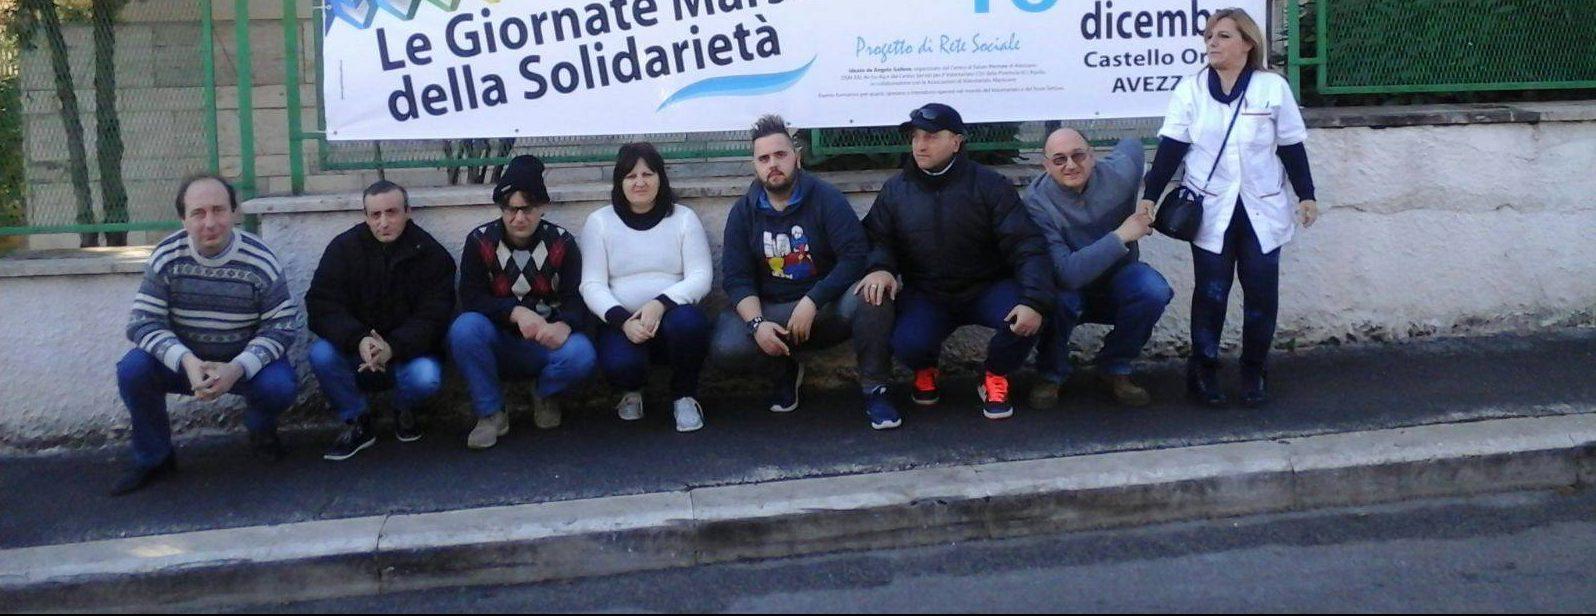 """""""Le Giornate Marsicane della Solidarietà"""", mercoledì la conferenza di presentazione"""